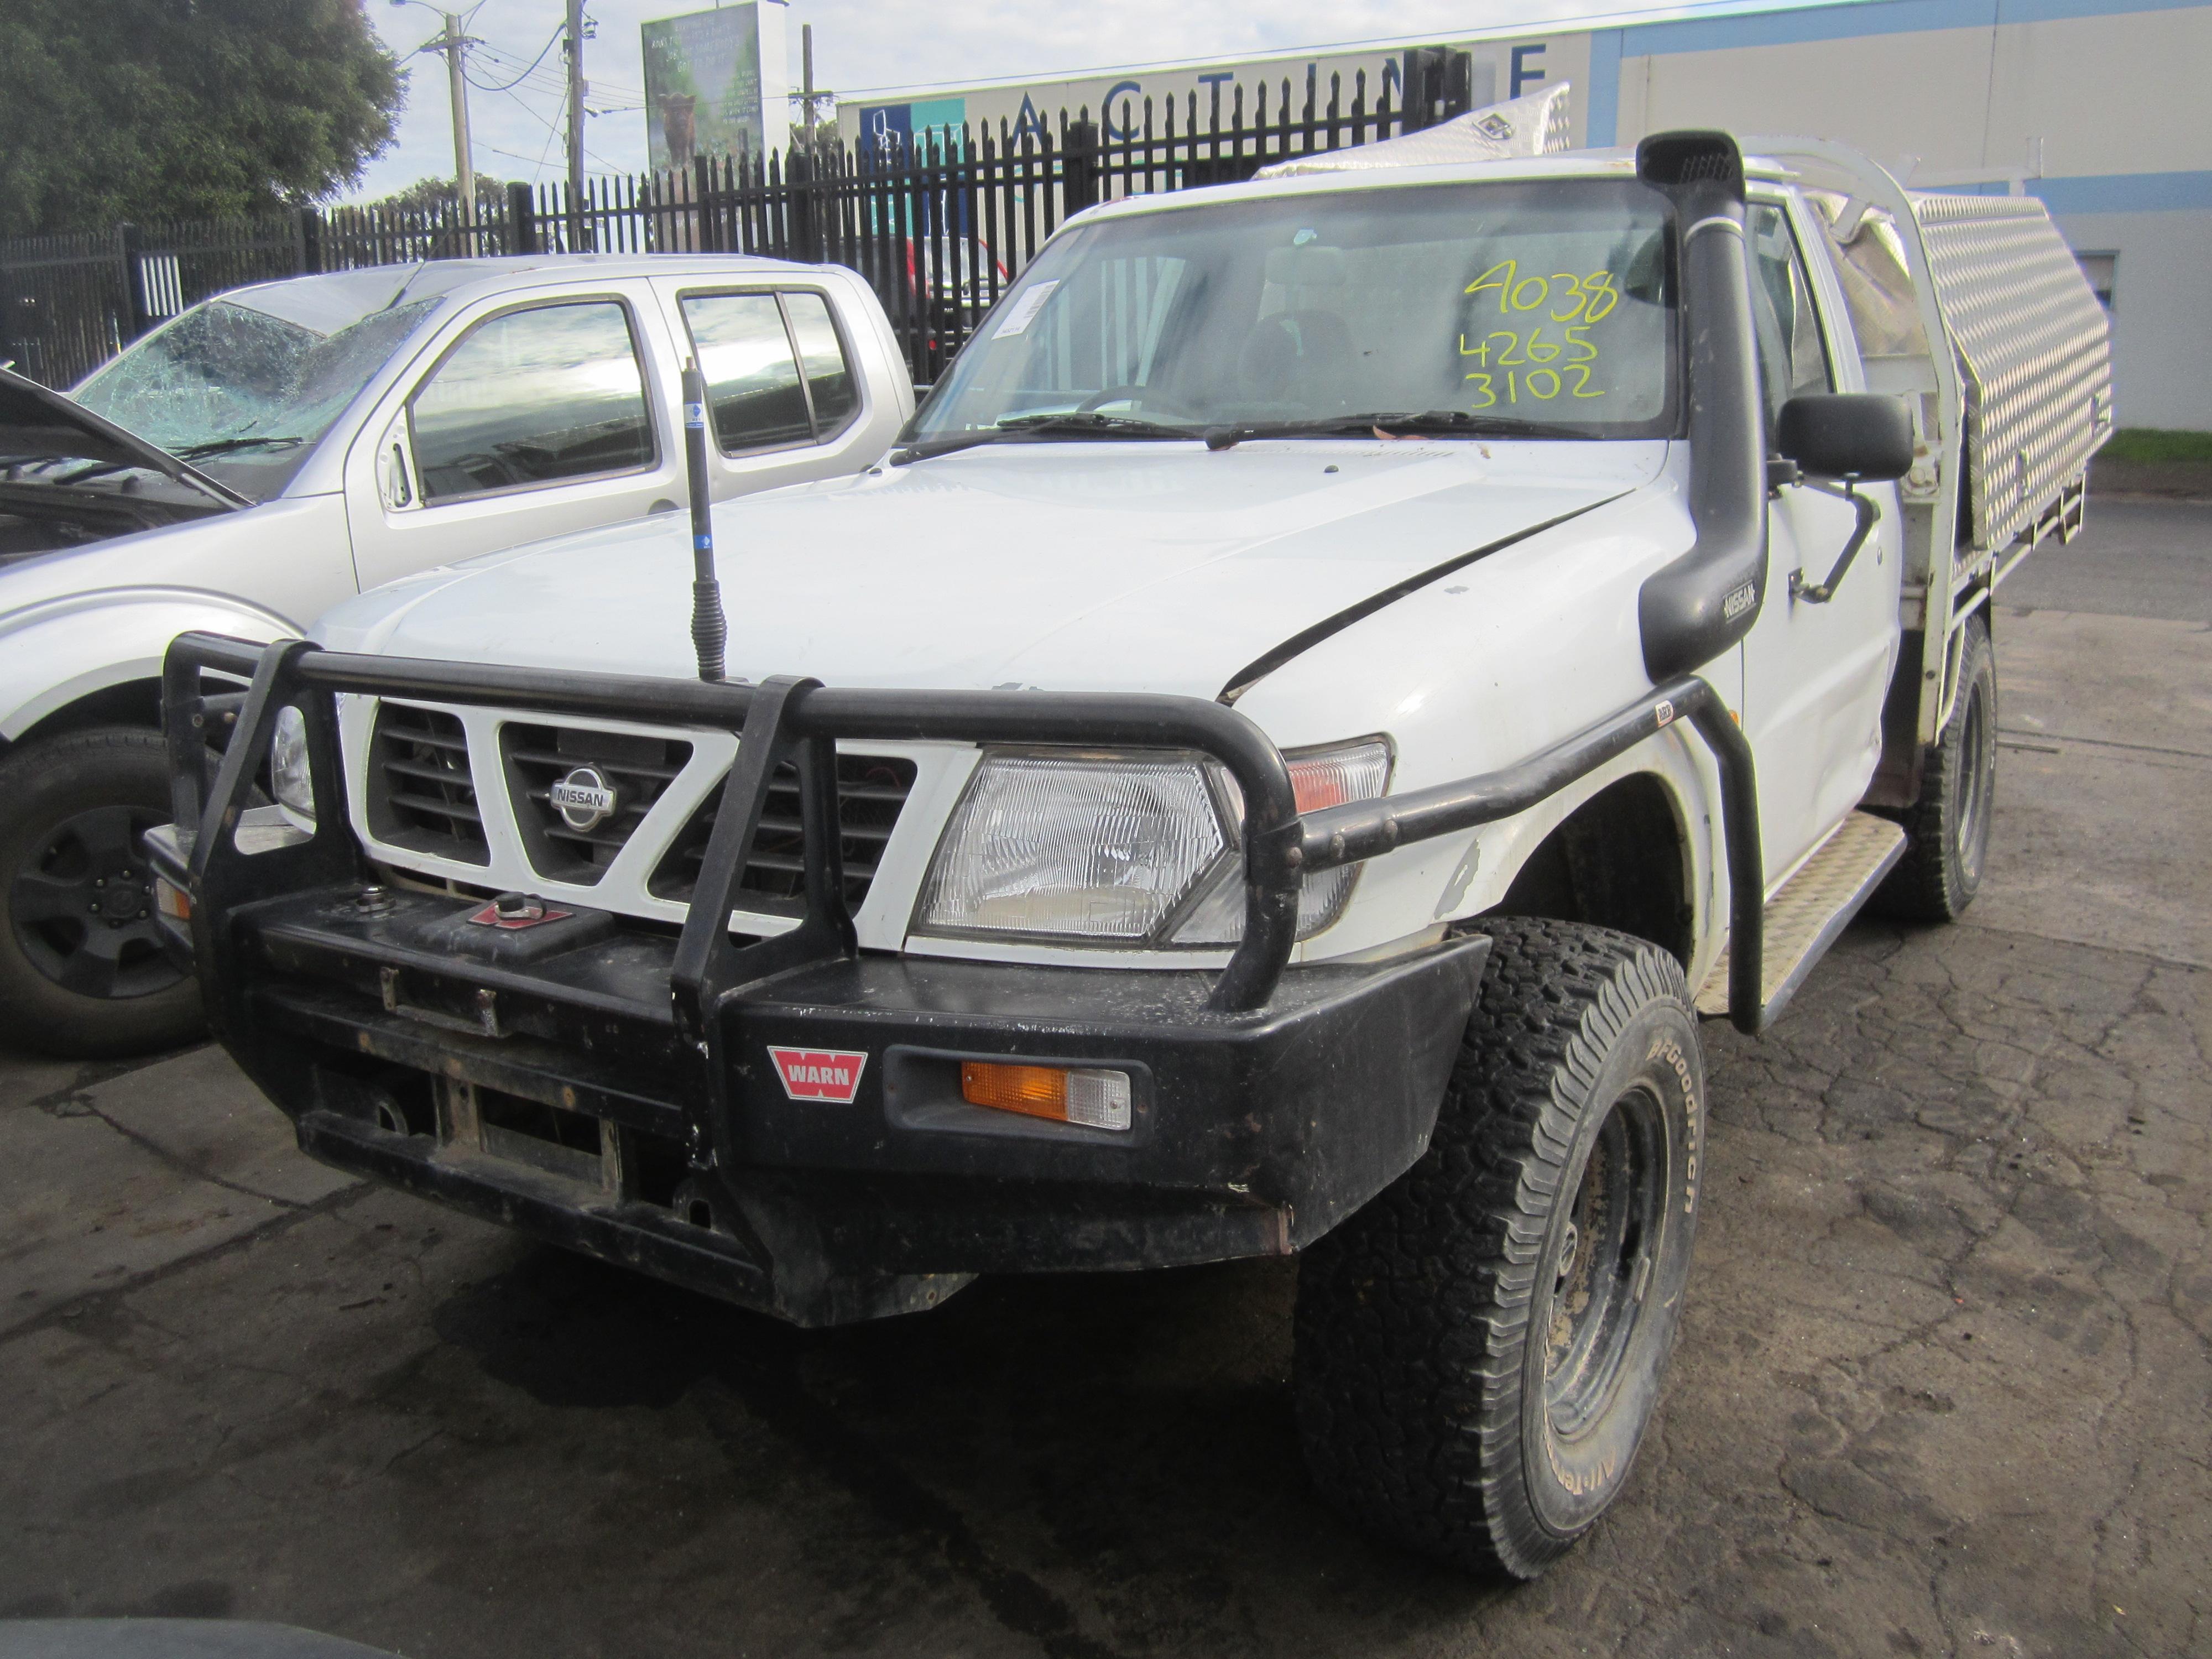 nissan patrol y61 ute td42 turbo diesel 2000 wrecking. Black Bedroom Furniture Sets. Home Design Ideas